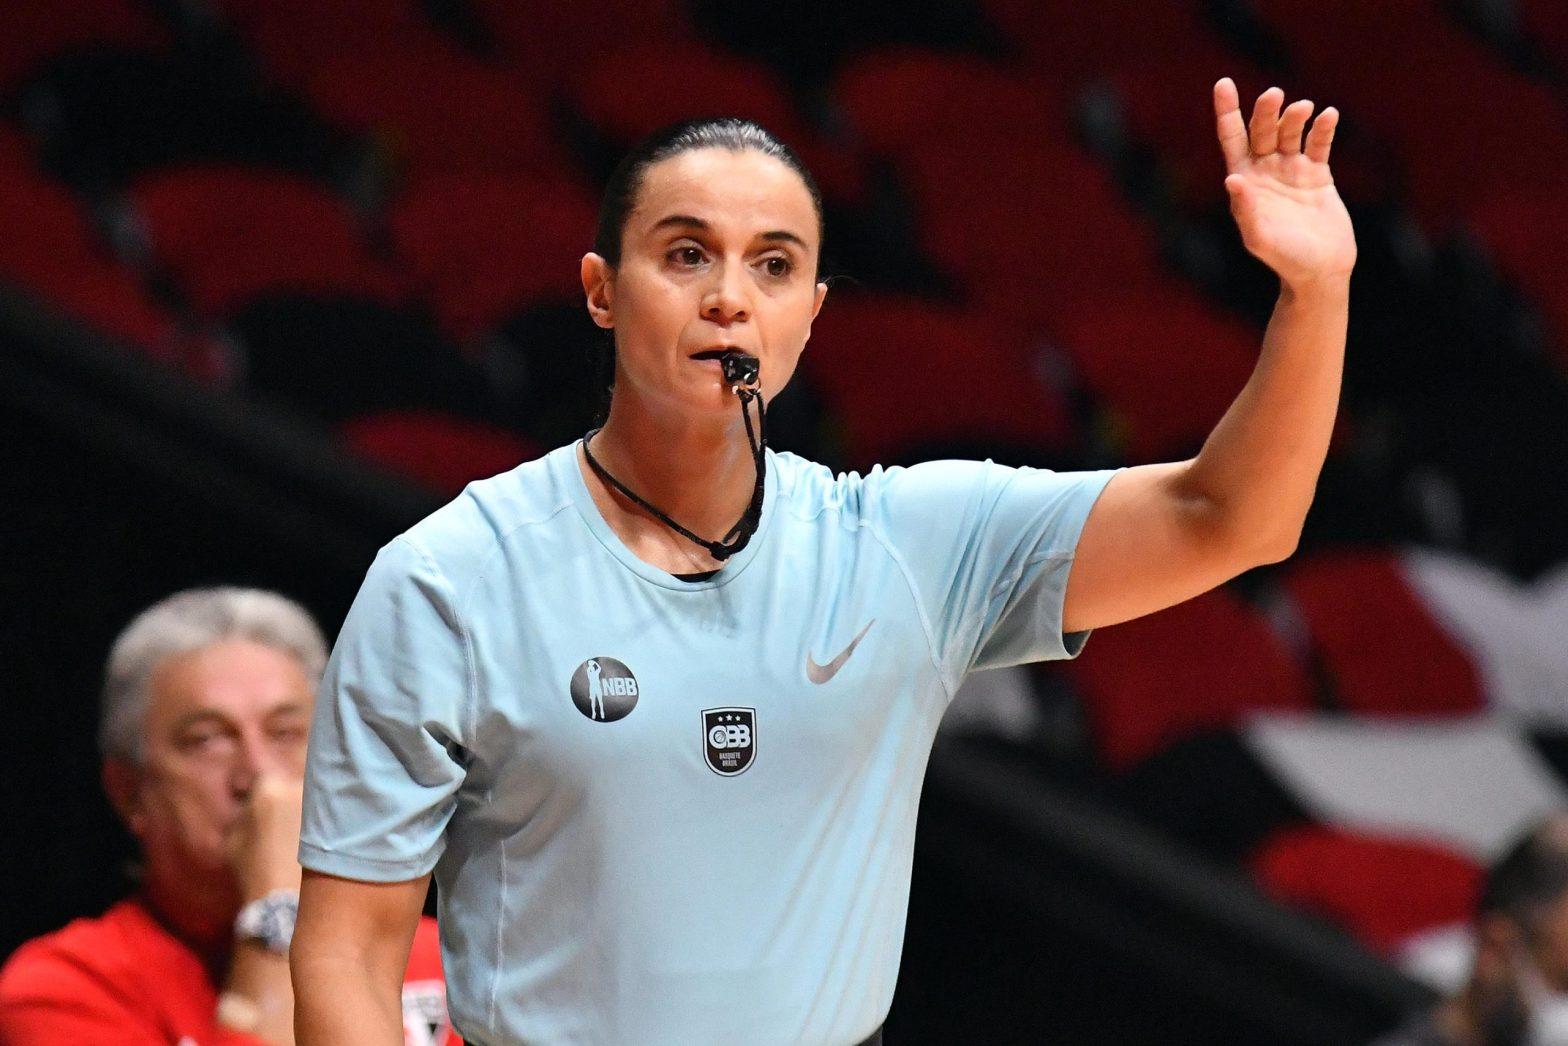 Andreia Regina Silva